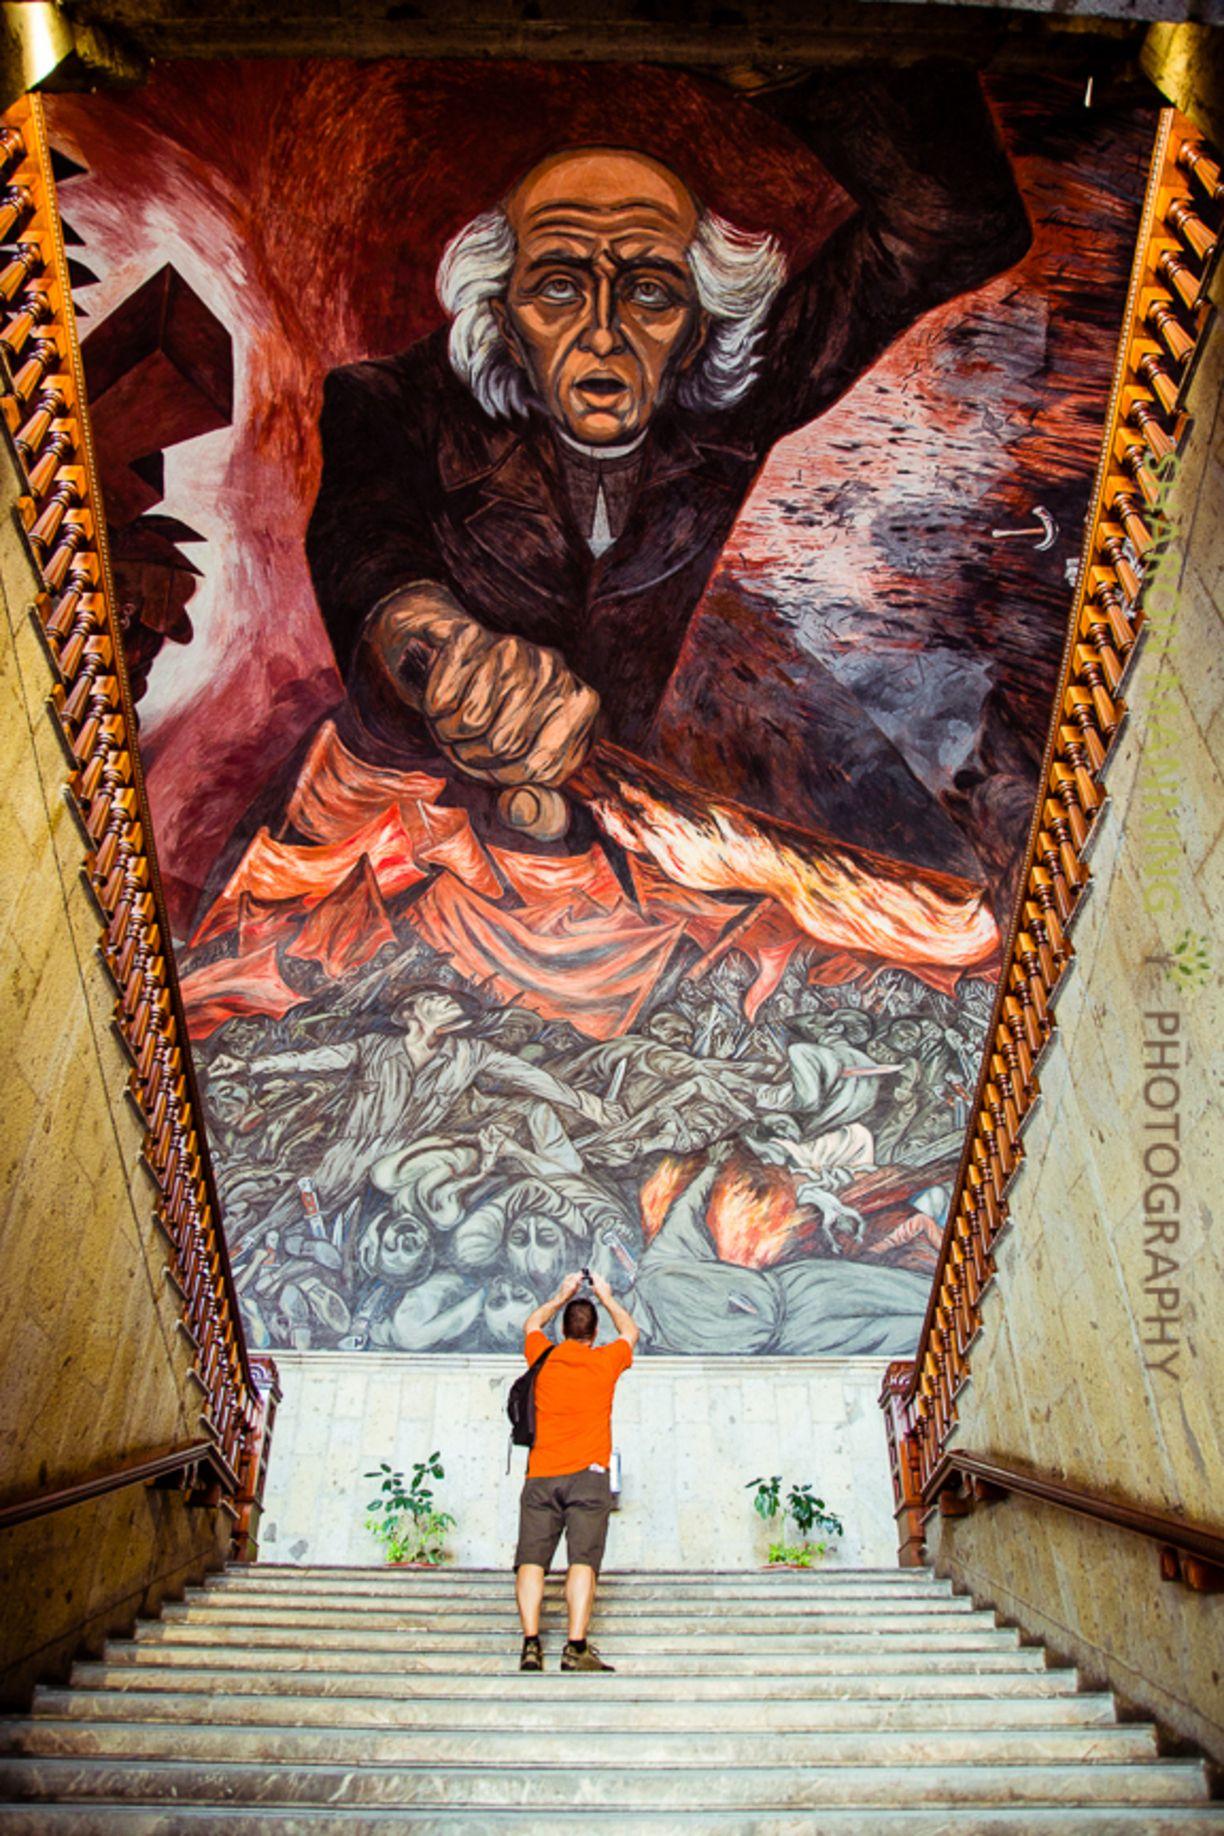 El mural está dedicado al sacerdote Miguel Hidalgo, quien inició la Independencia de México. Orozco lo retrata con la antorcha de la libertad en mano. La obra está sobre las escaleras del Palacio de Gobierno en Guadalajara, Jalisco, y mide 4 mil metros cuadrados. Fue el último mural que pintó.